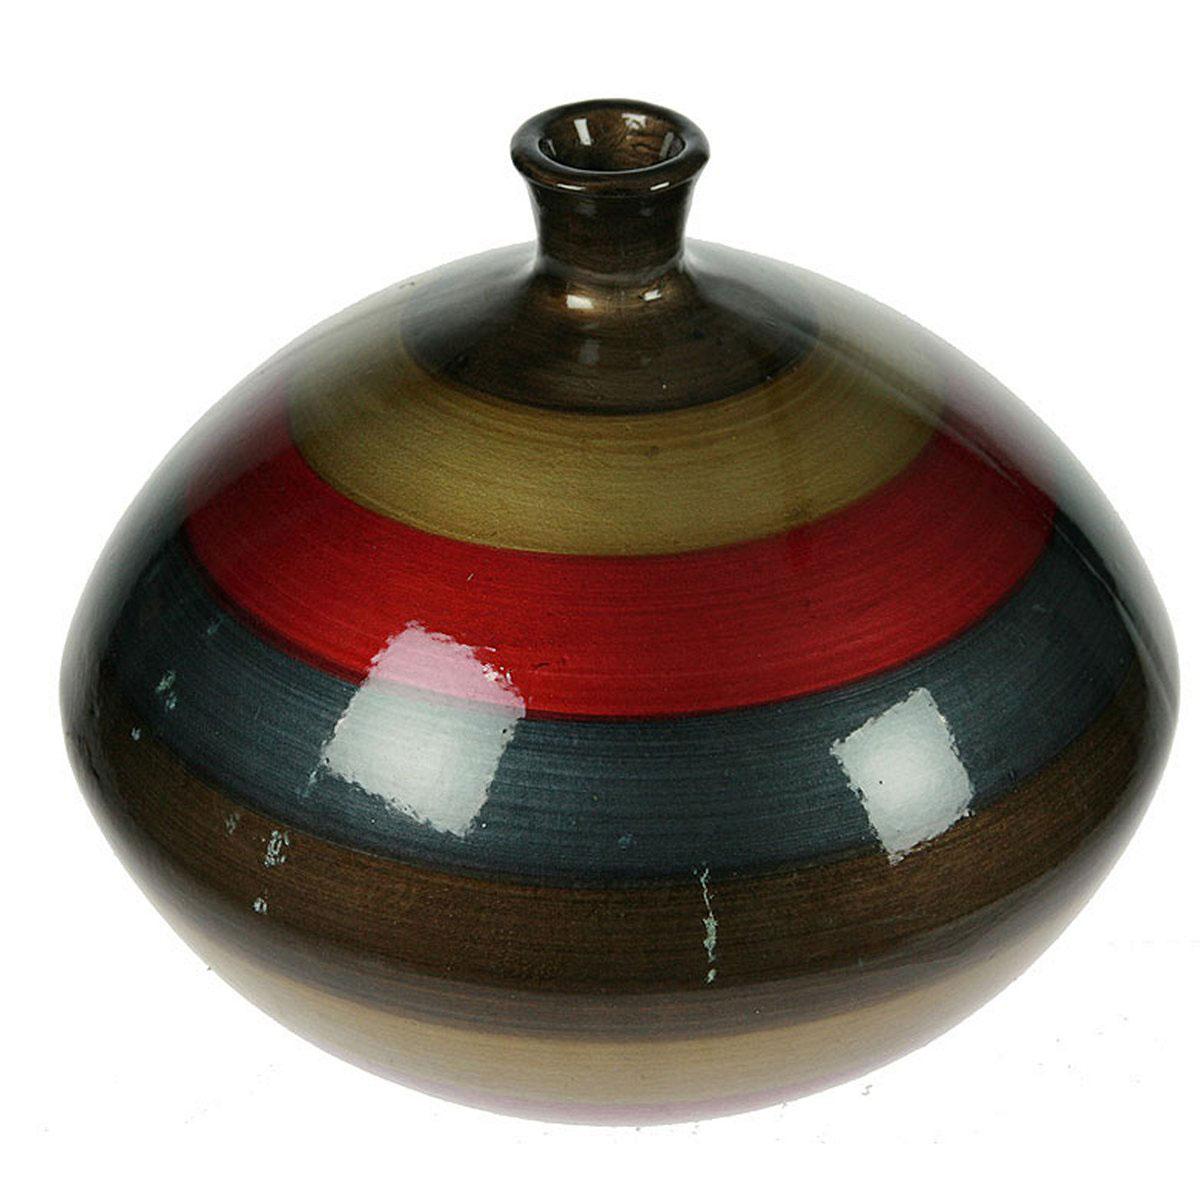 Ваза Русские Подарки, высота 14 см. 115914FS-91909Ваза Русские Подарки, выполненная из керамики, украсит интерьер вашего дома или офиса. Оригинальный дизайн и красочное исполнение создадут праздничное настроение.Такая ваза подойдет и для цветов, и для декора интерьера. Кроме того - это отличный вариант подарка для ваших близких и друзей.Правила ухода: мыть теплой водой с применением нейтральных моющих средств. Размер вазы: 28 х 28 х 14 см.